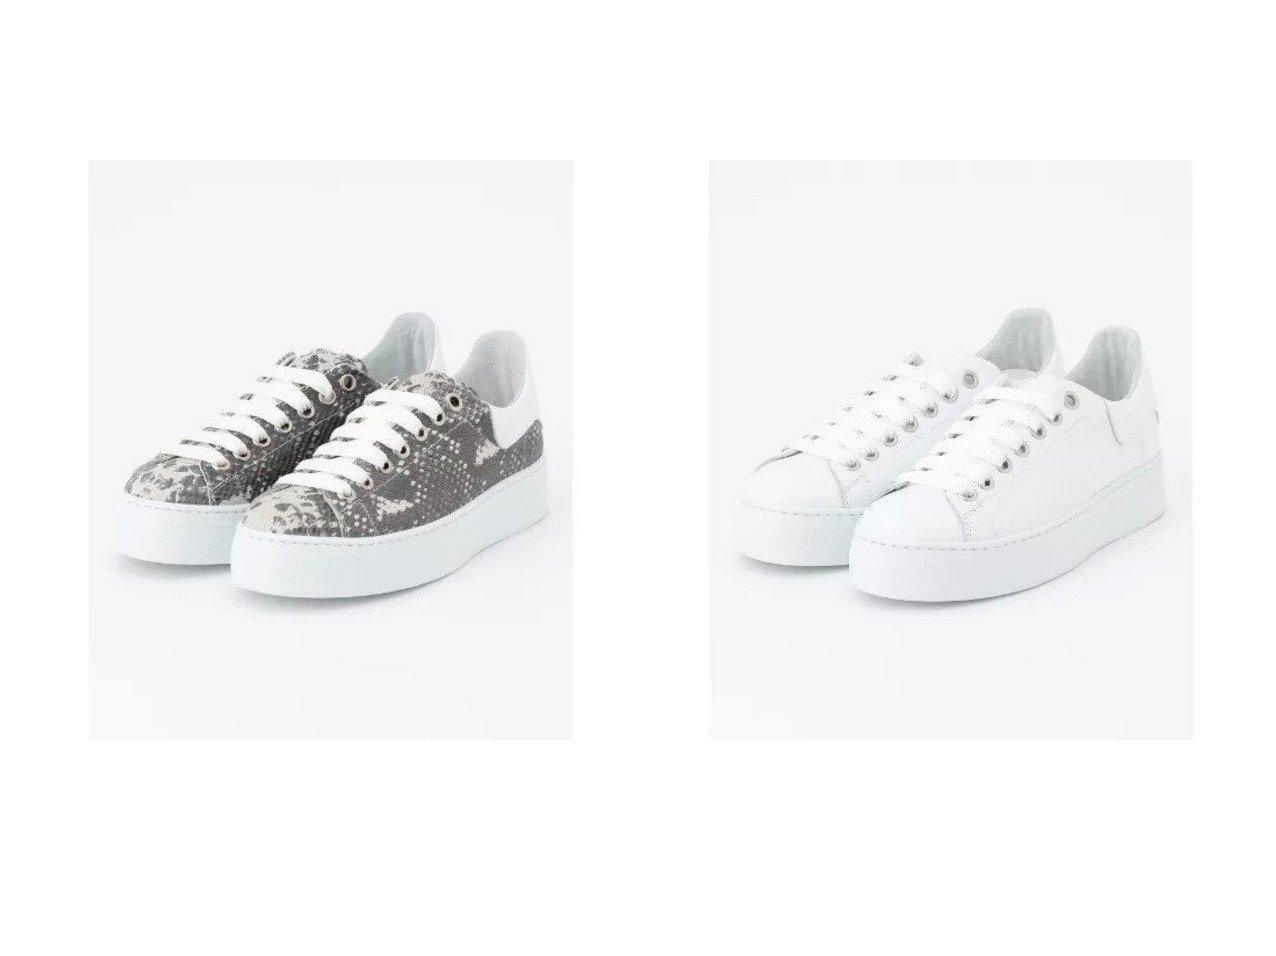 【GRACE CONTINENTAL/グレース コンチネンタル】のCORSO ROMA 9 スニーカー シューズ・靴のおすすめ!人気、トレンド・レディースファッションの通販 おすすめで人気の流行・トレンド、ファッションの通販商品 メンズファッション・キッズファッション・インテリア・家具・レディースファッション・服の通販 founy(ファニー) https://founy.com/ ファッション Fashion レディースファッション WOMEN シューズ シンプル スタイリッシュ スニーカー 今季 厚底 |ID:crp329100000023354